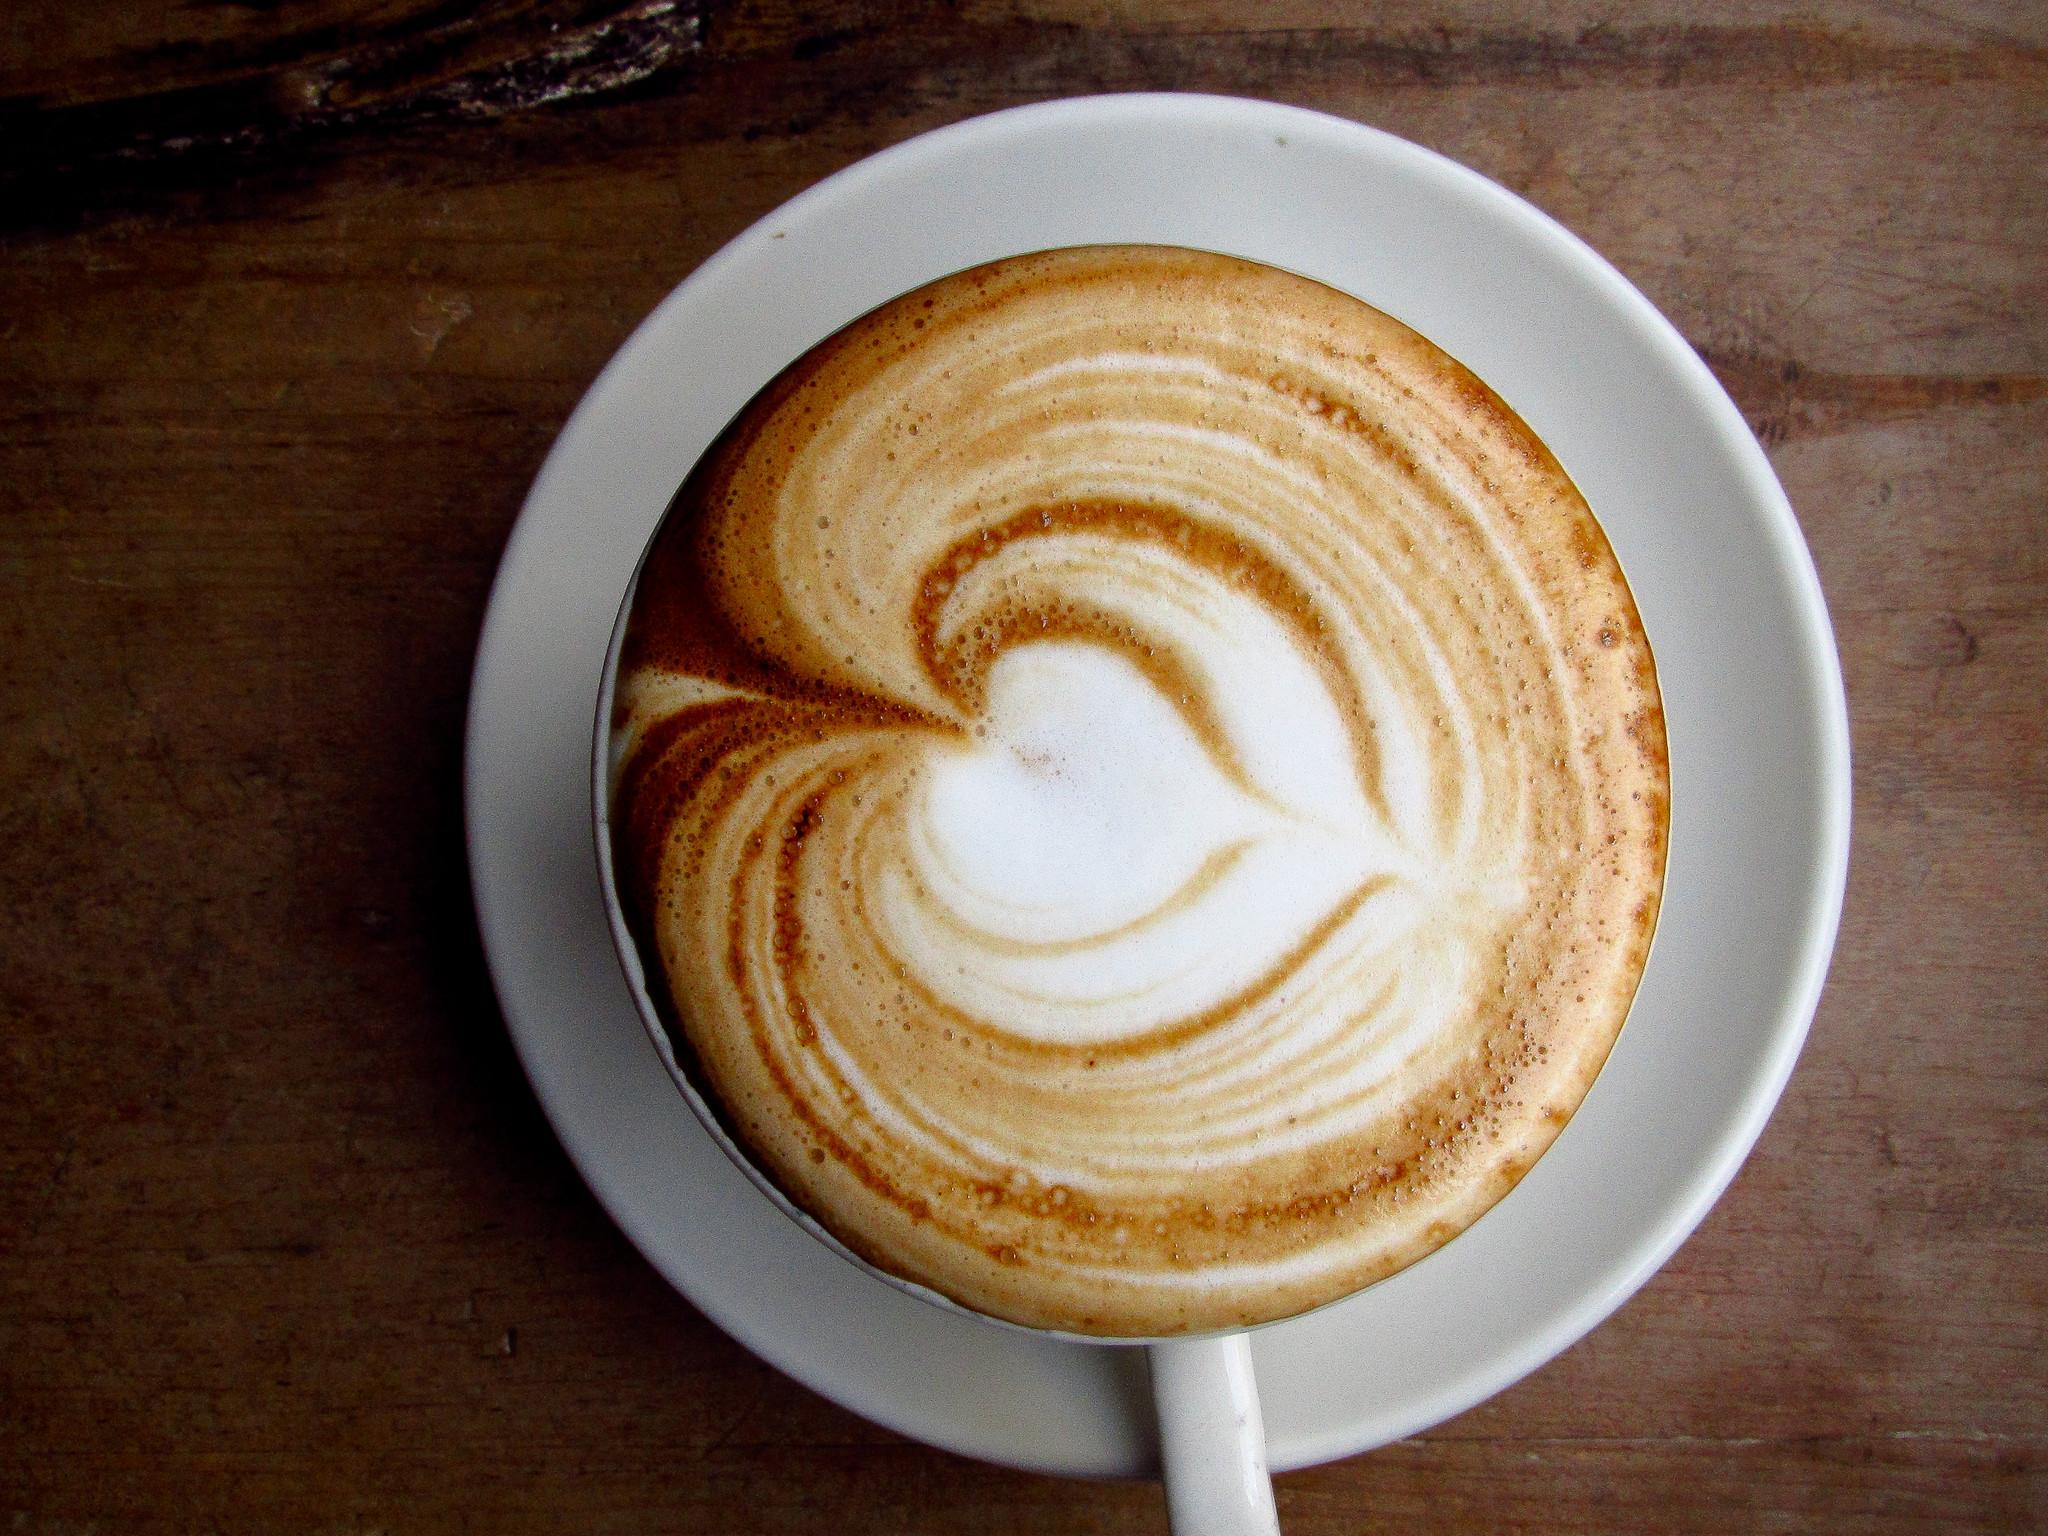 кофе со сливками, капучино, скачать фото, обои для рабочего стола